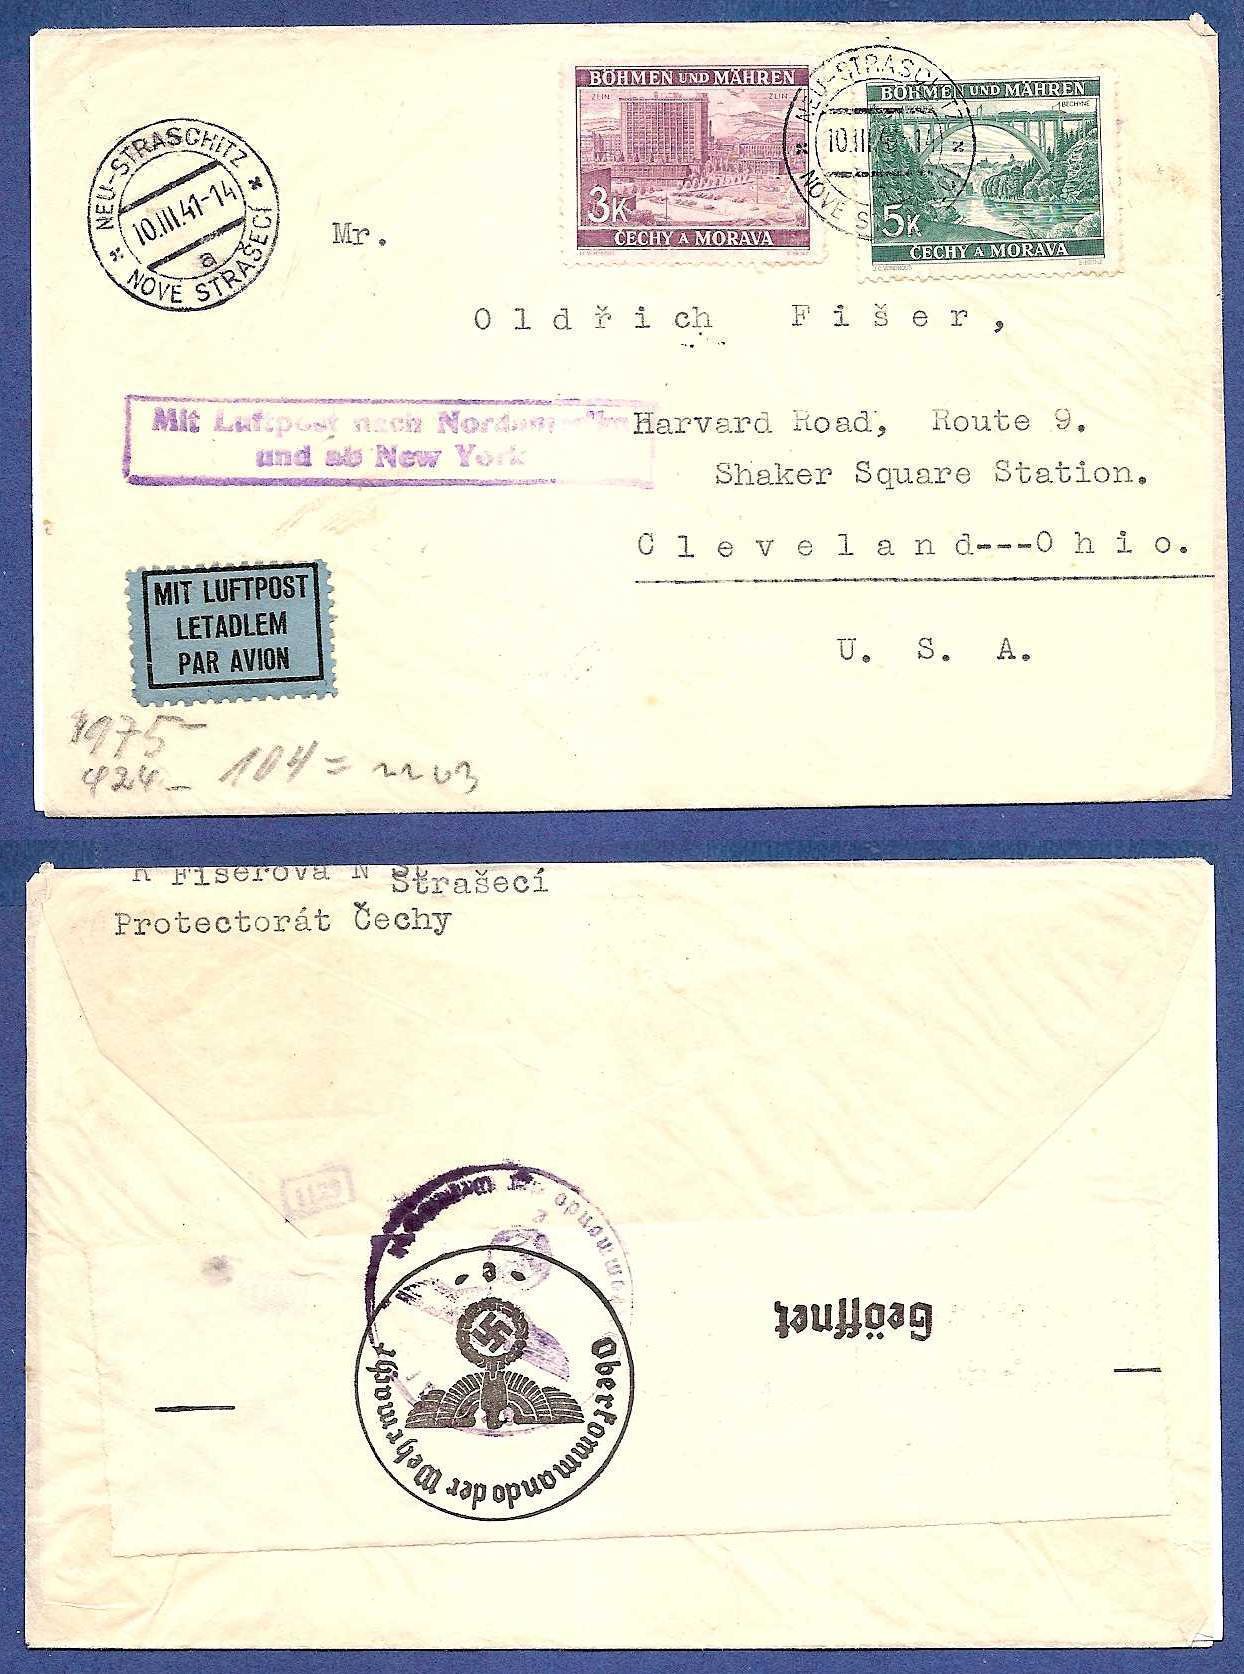 BOHEMEN MORAVIA airmail cover 1941 to USA HE005